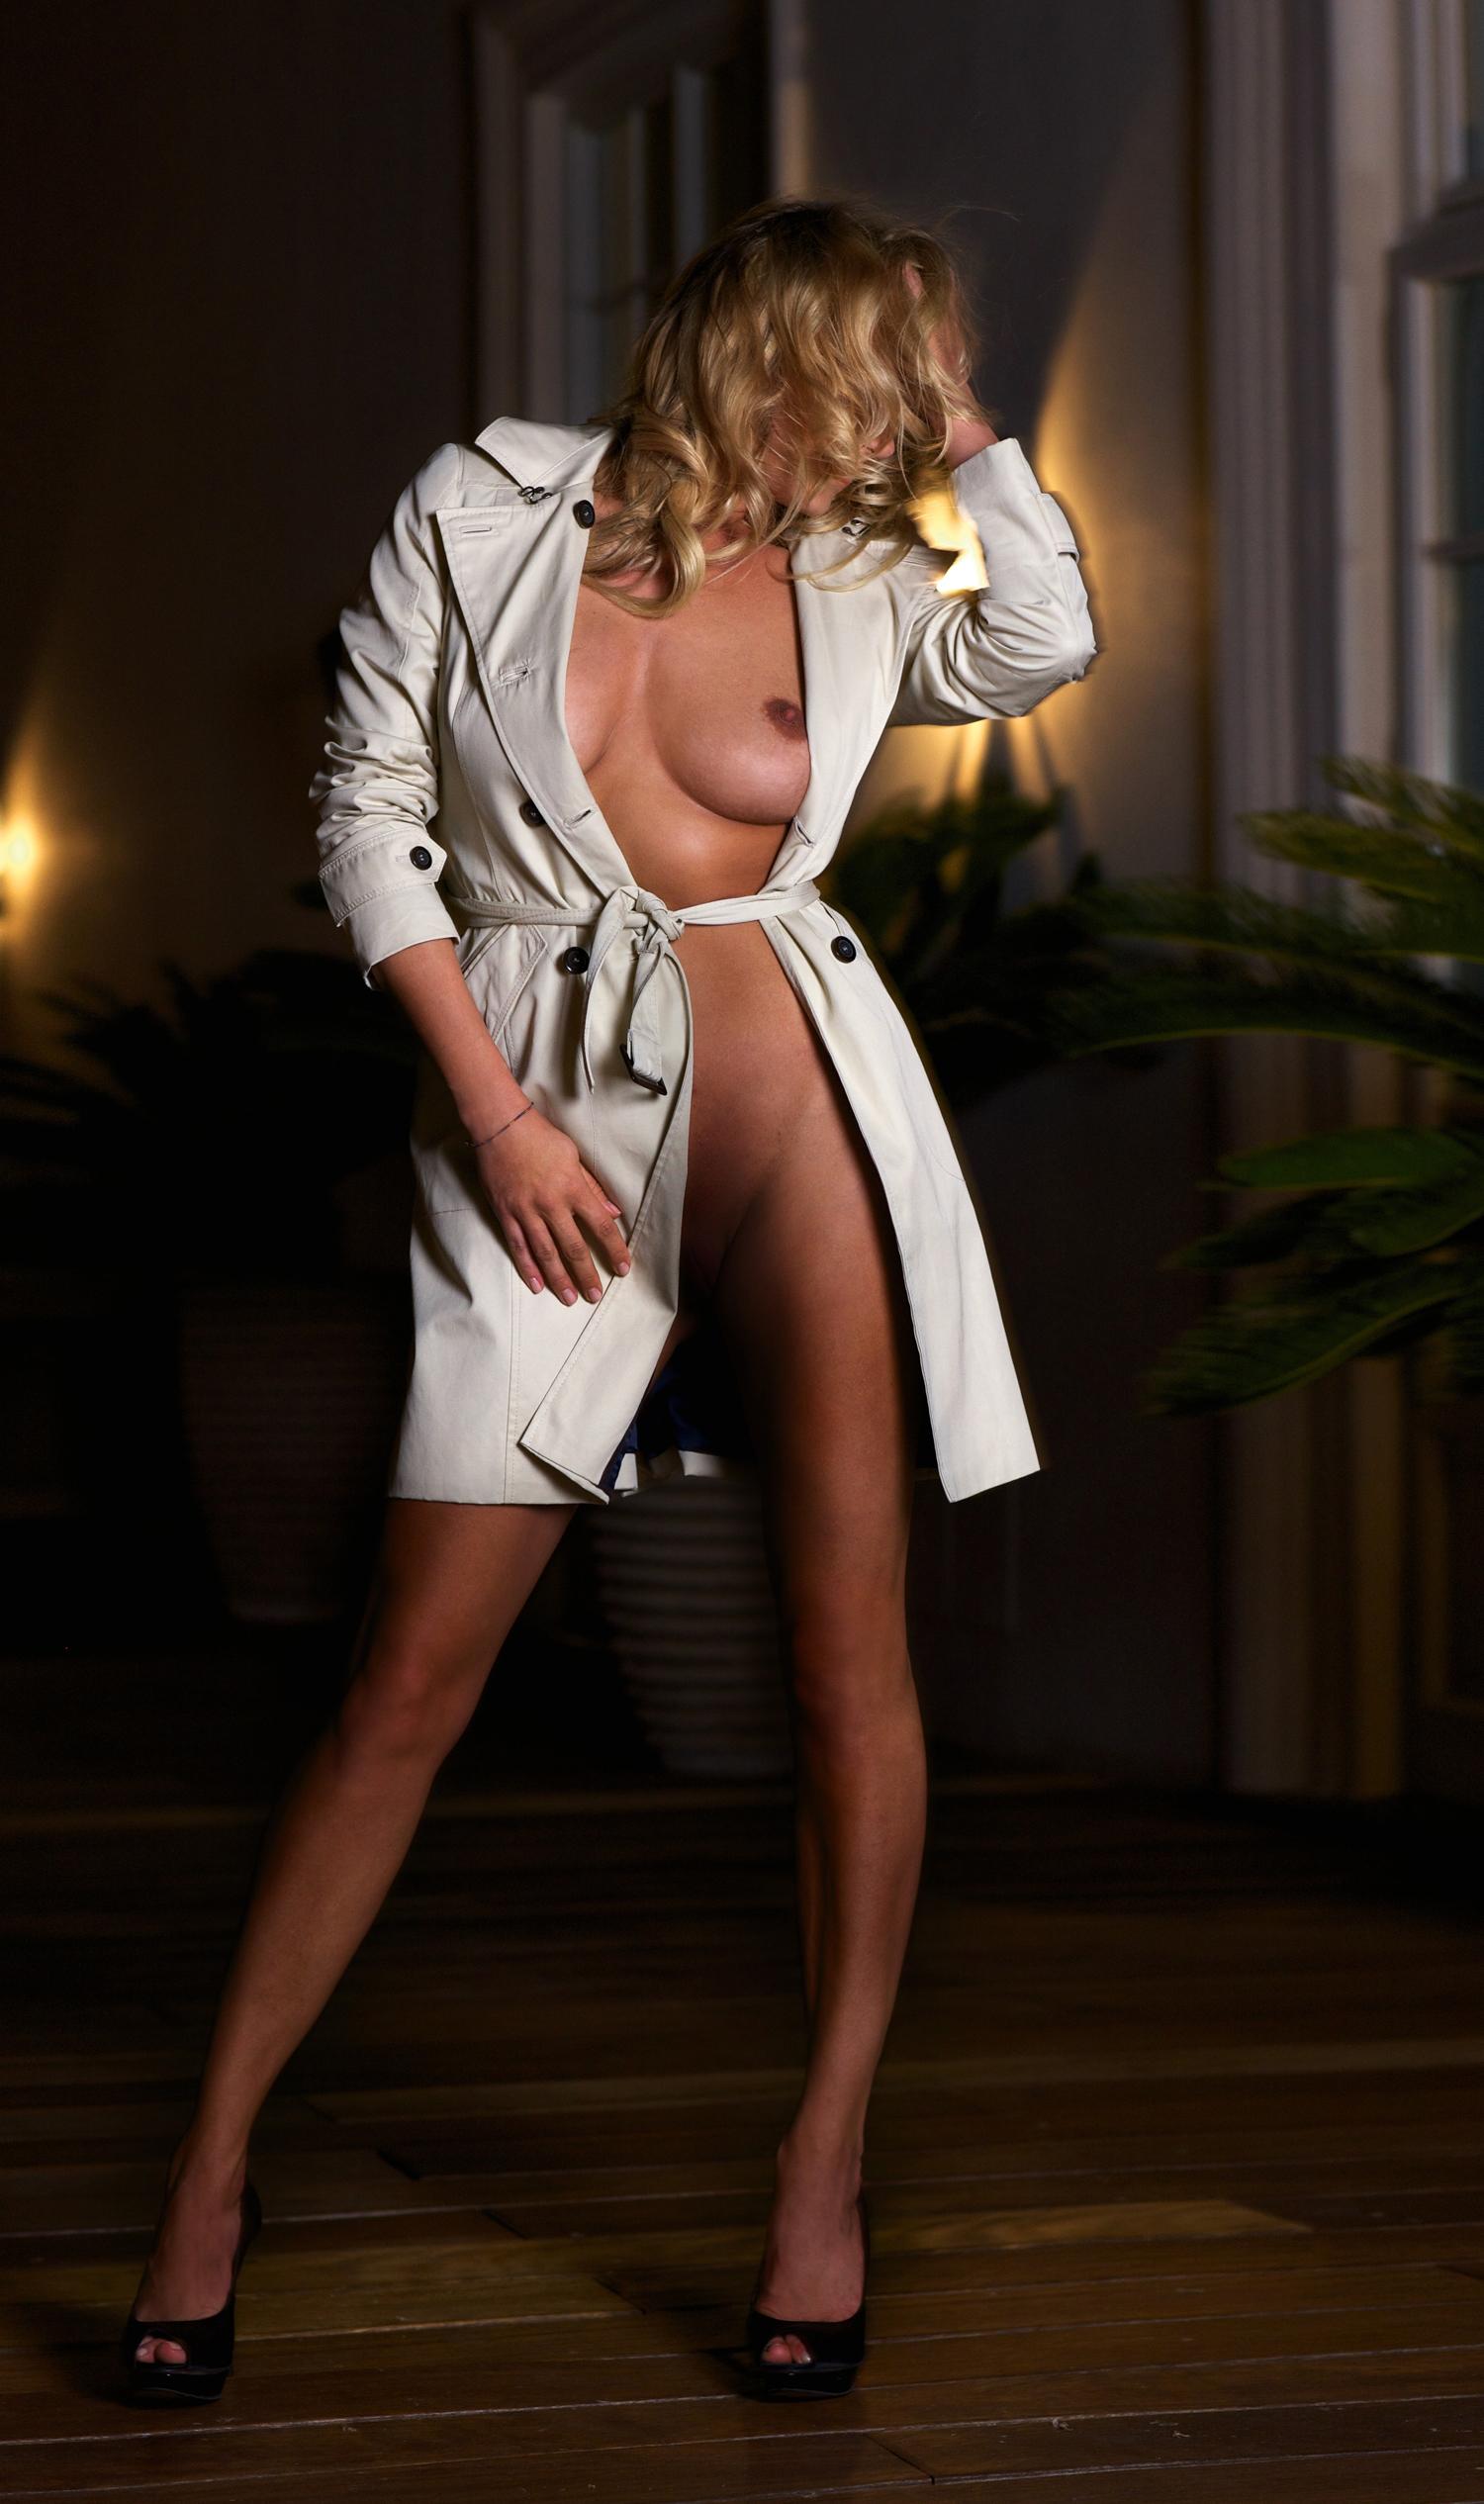 Магдалена Бжеска голая. Фото - 33